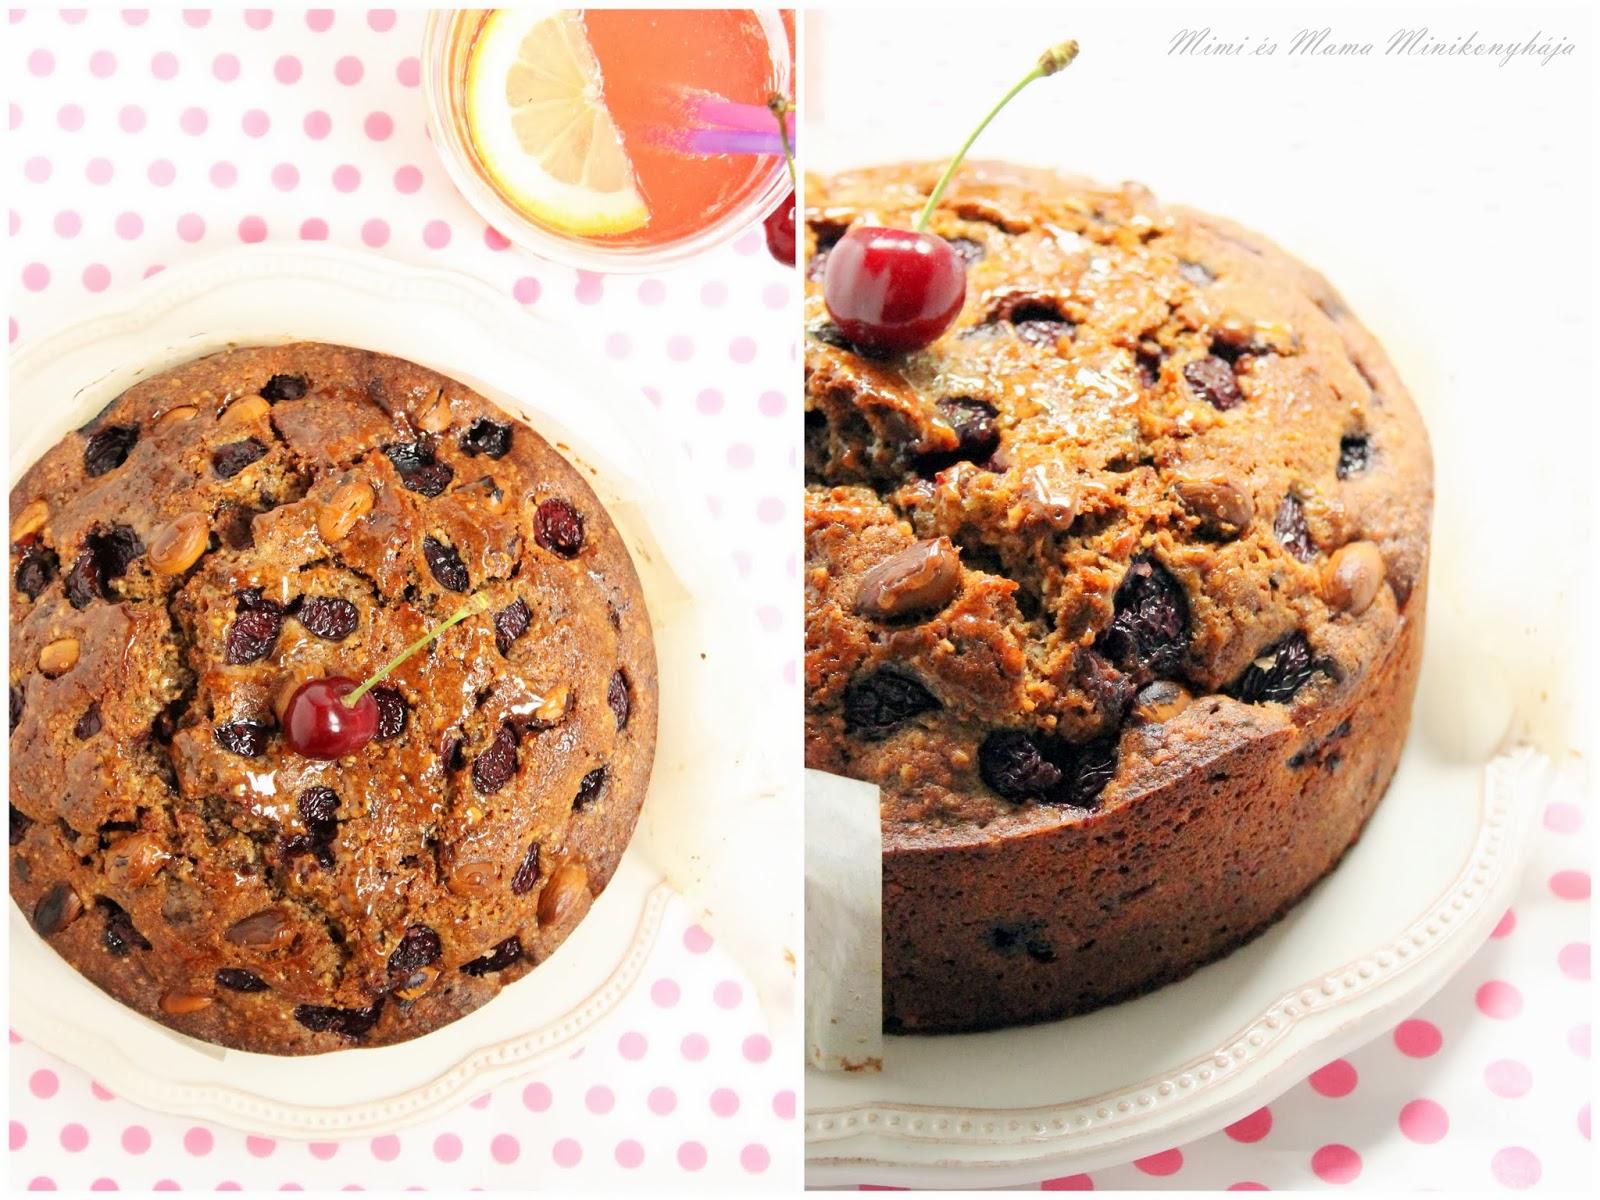 Cseresznyés csokis mogyorós torta